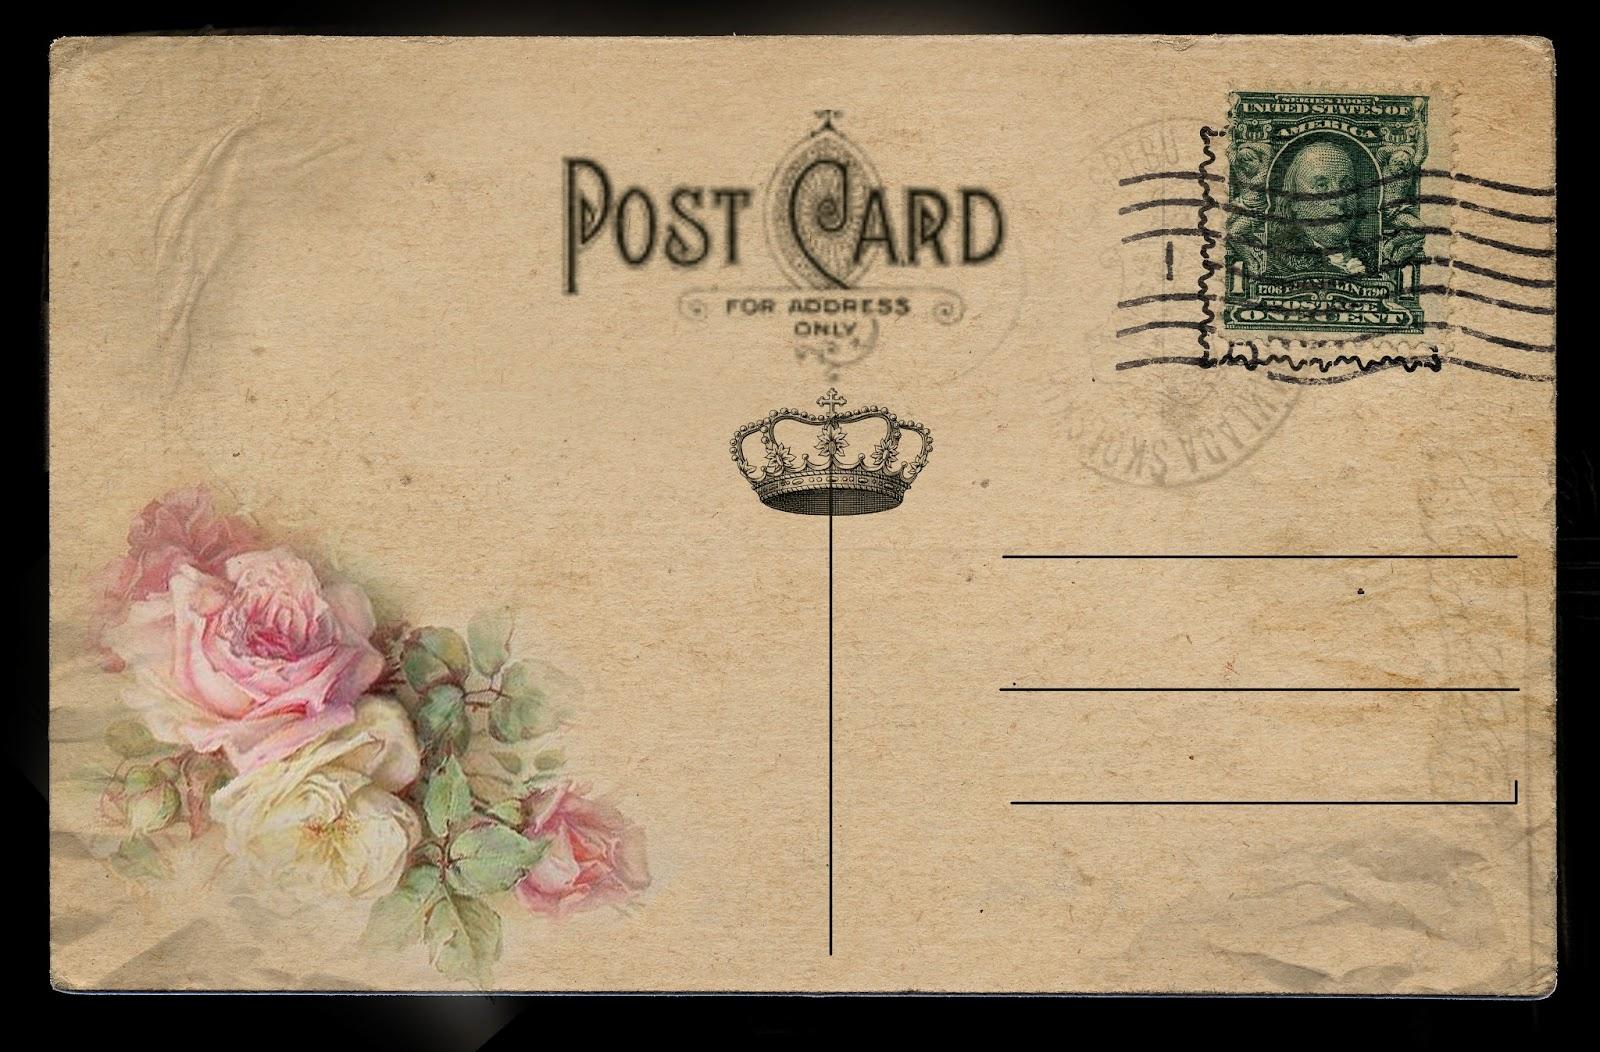 Юбилеем, рисунки на обратной стороне открытки